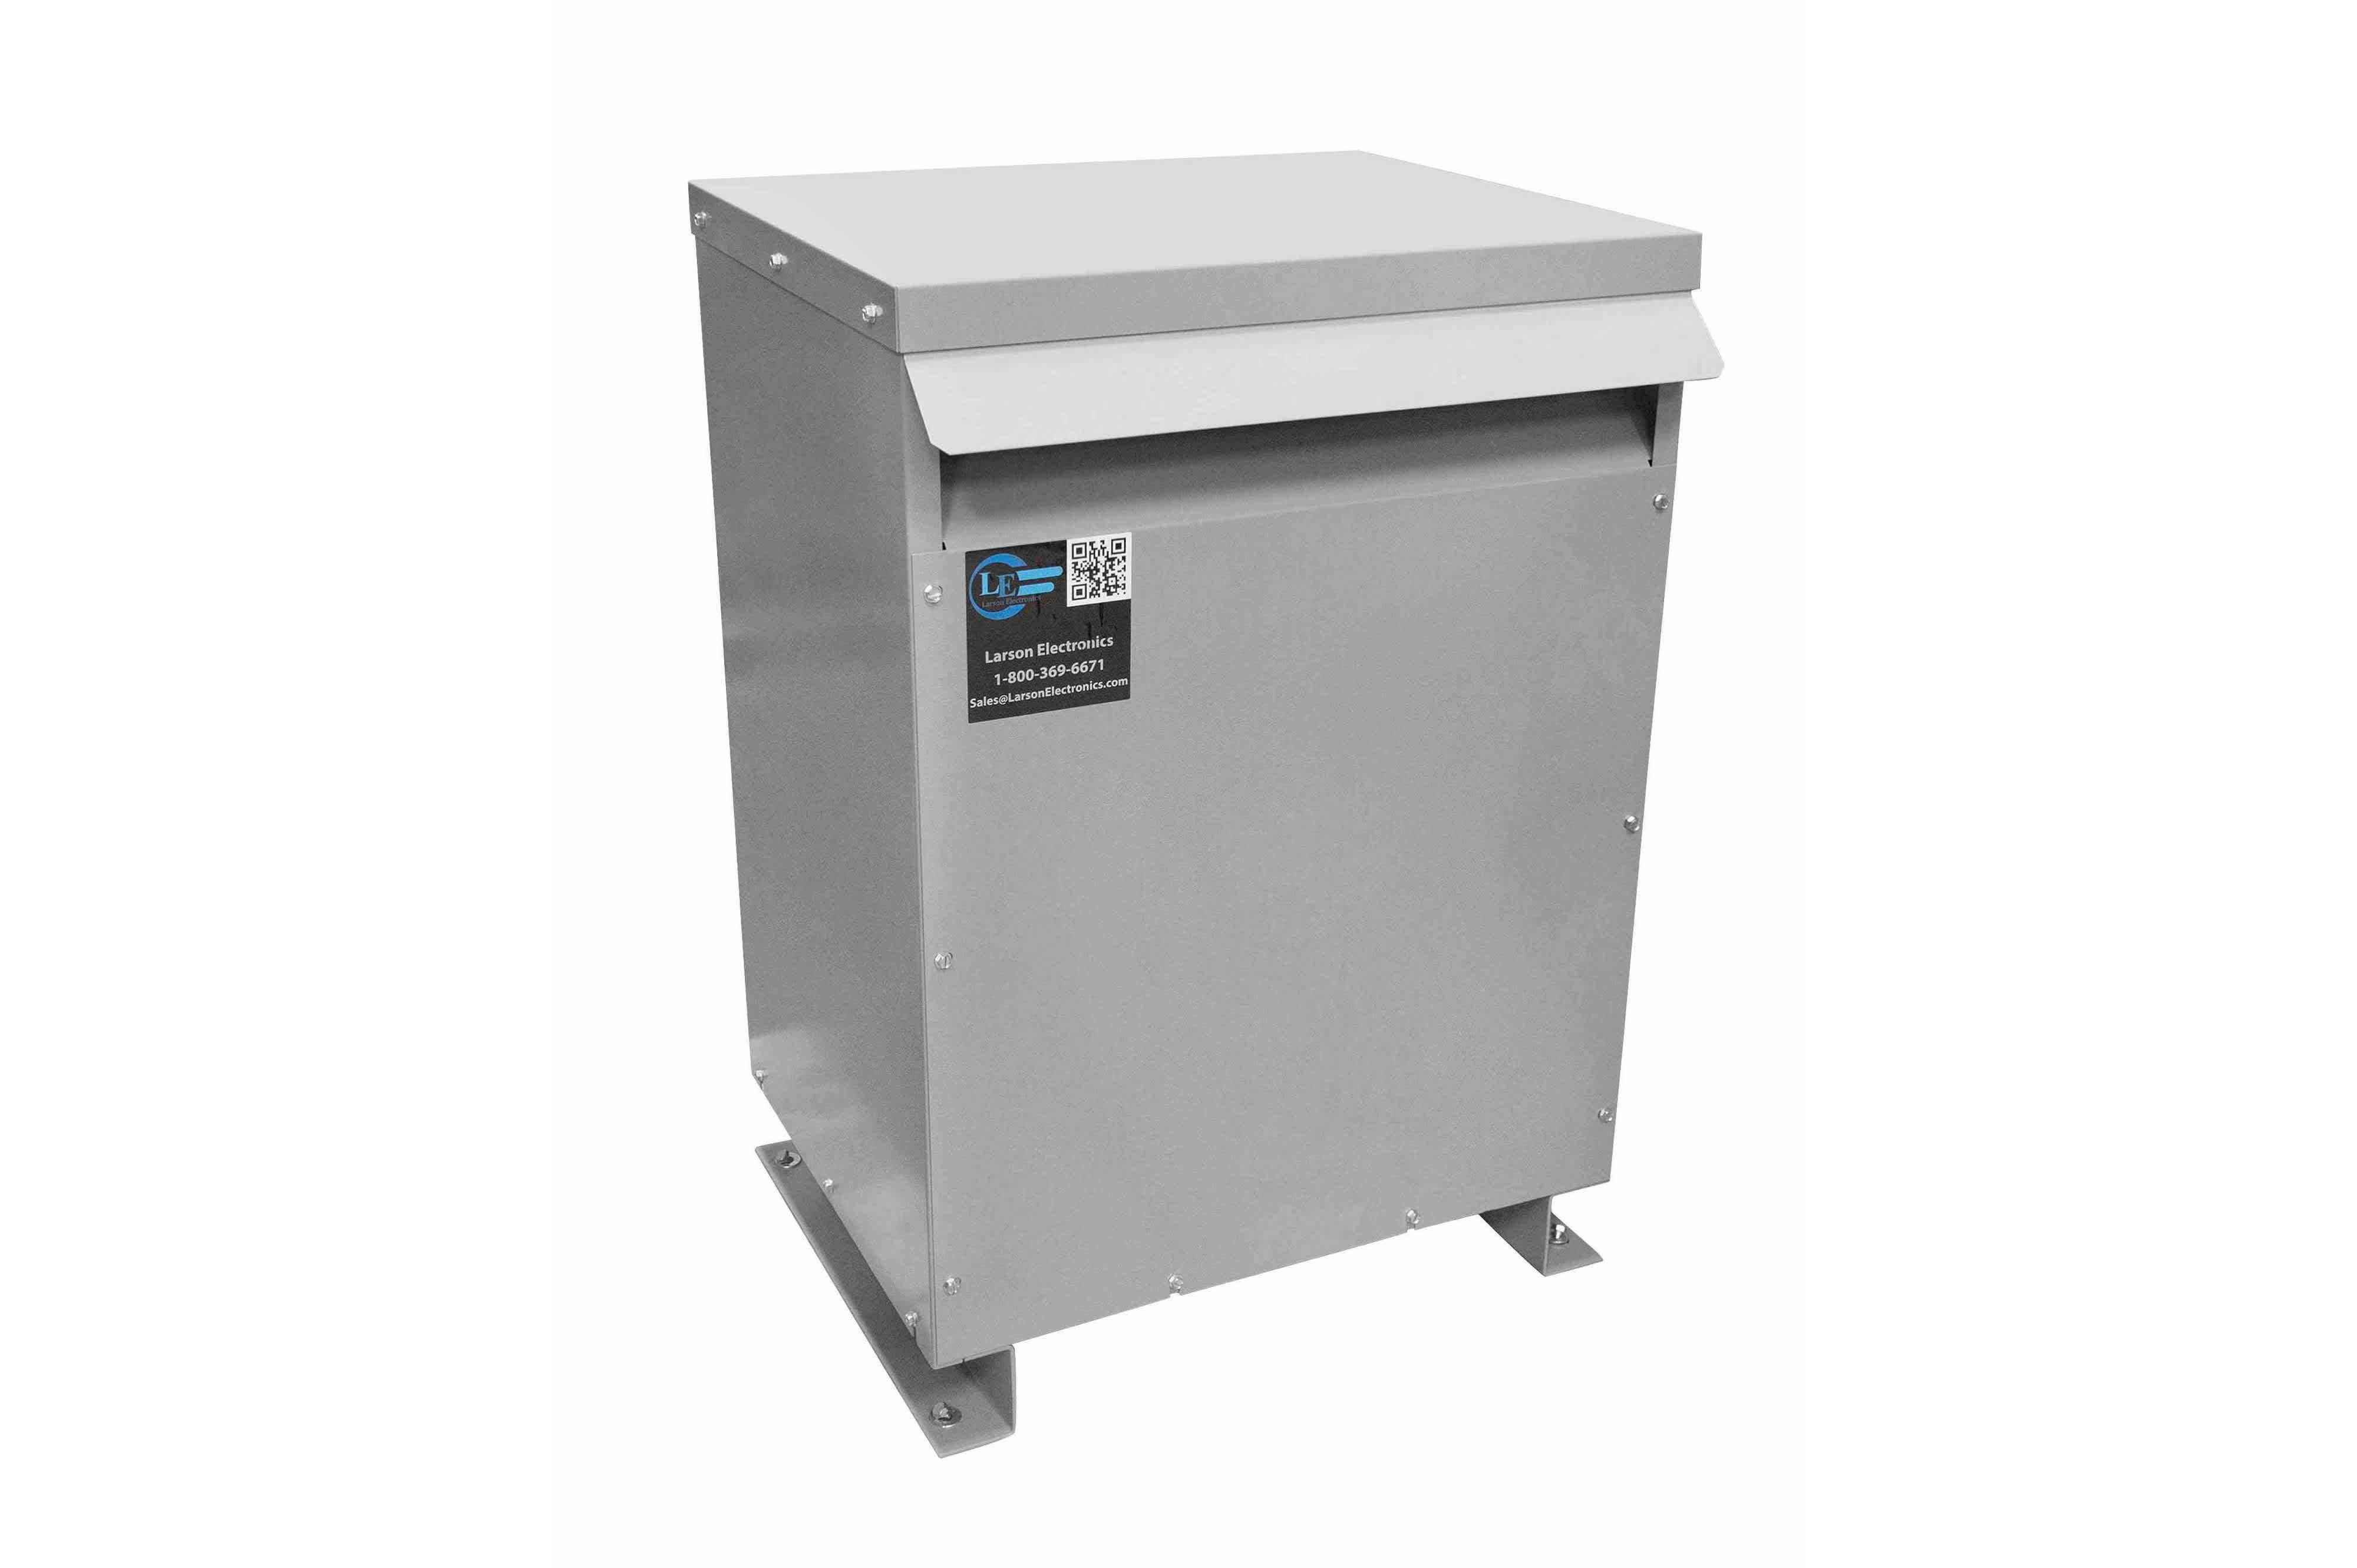 750 kVA 3PH Isolation Transformer, 400V Delta Primary, 600V Delta Secondary, N3R, Ventilated, 60 Hz